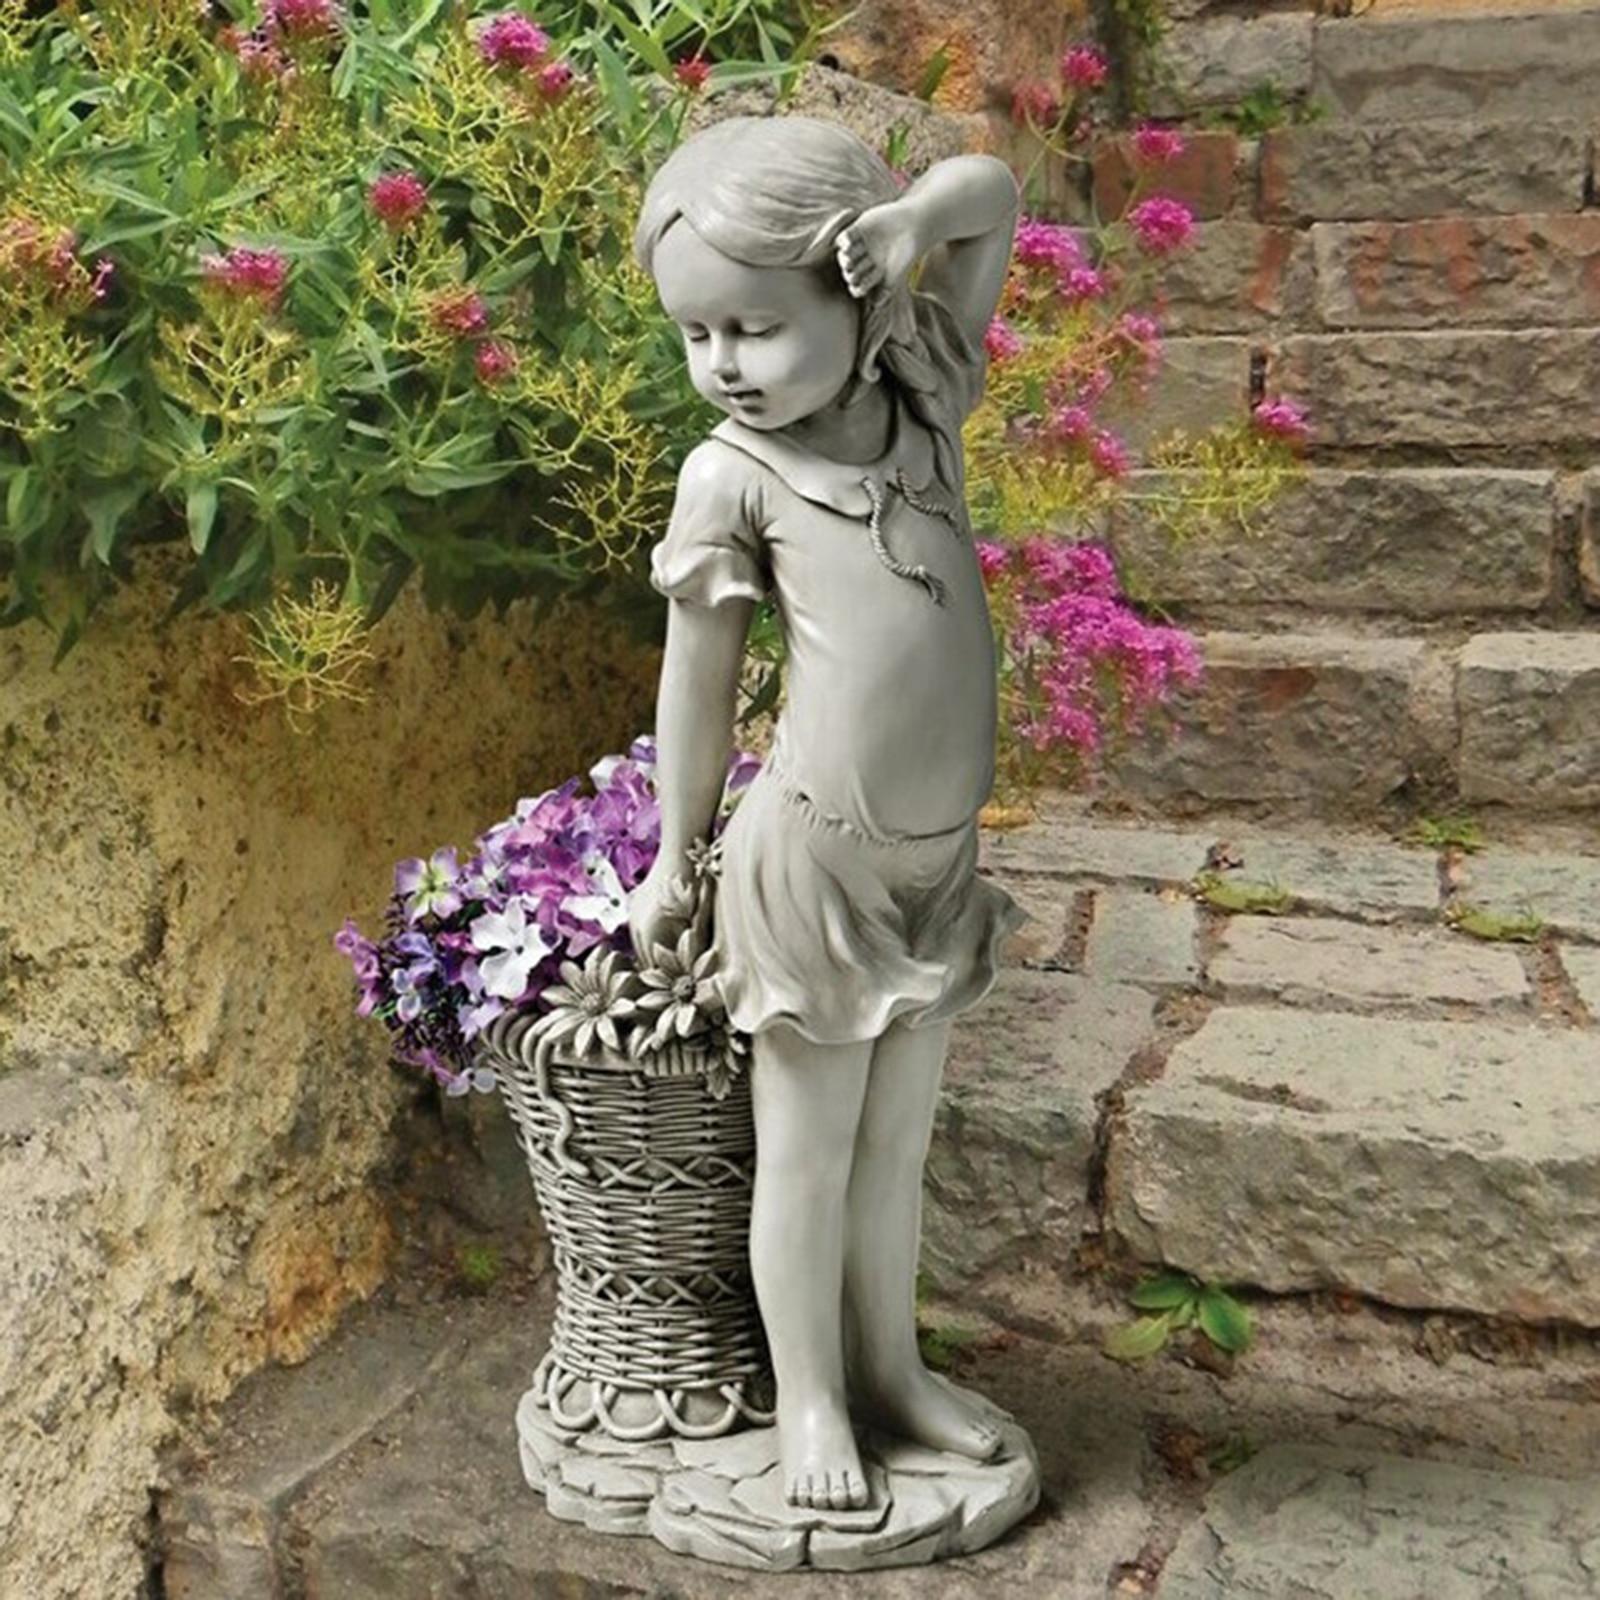 Цветок садовая статуя девушки Скульптура ребенка фигурка ящик для комнатных растений, корзина для газона украшение на открытом воздухе шла...